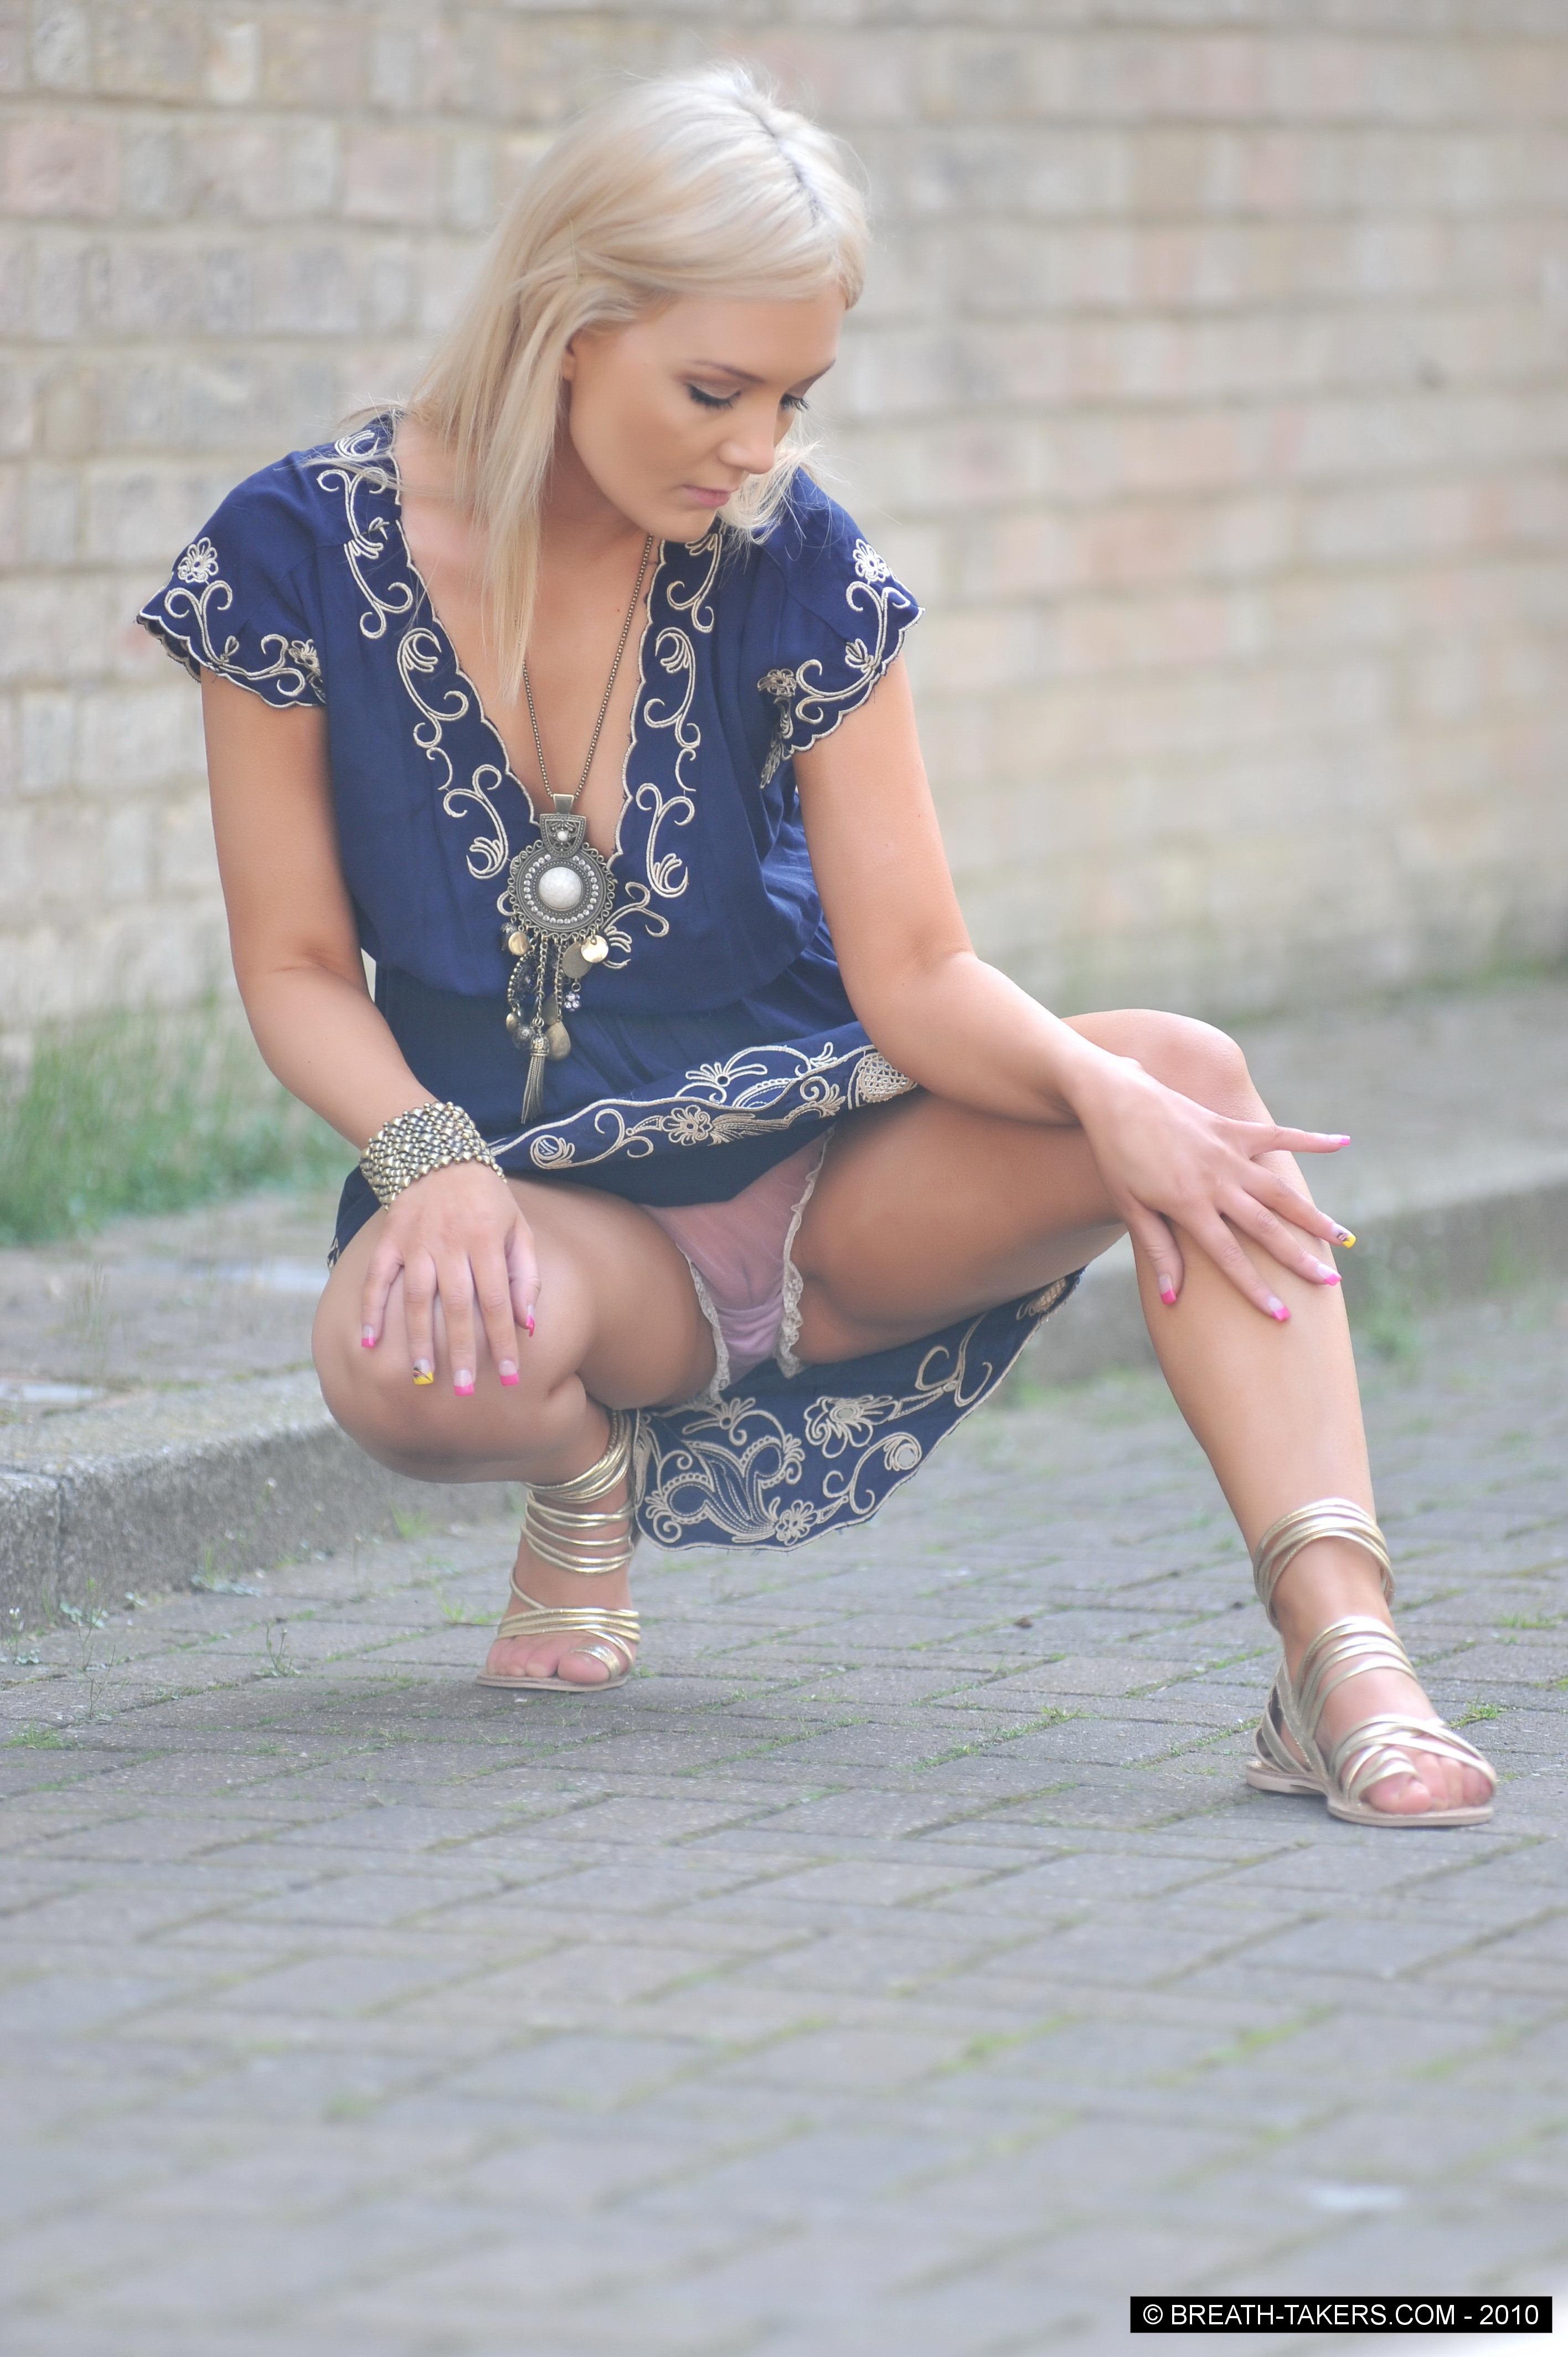 Прозрачные юбки и туника видно трусики 15 фотография